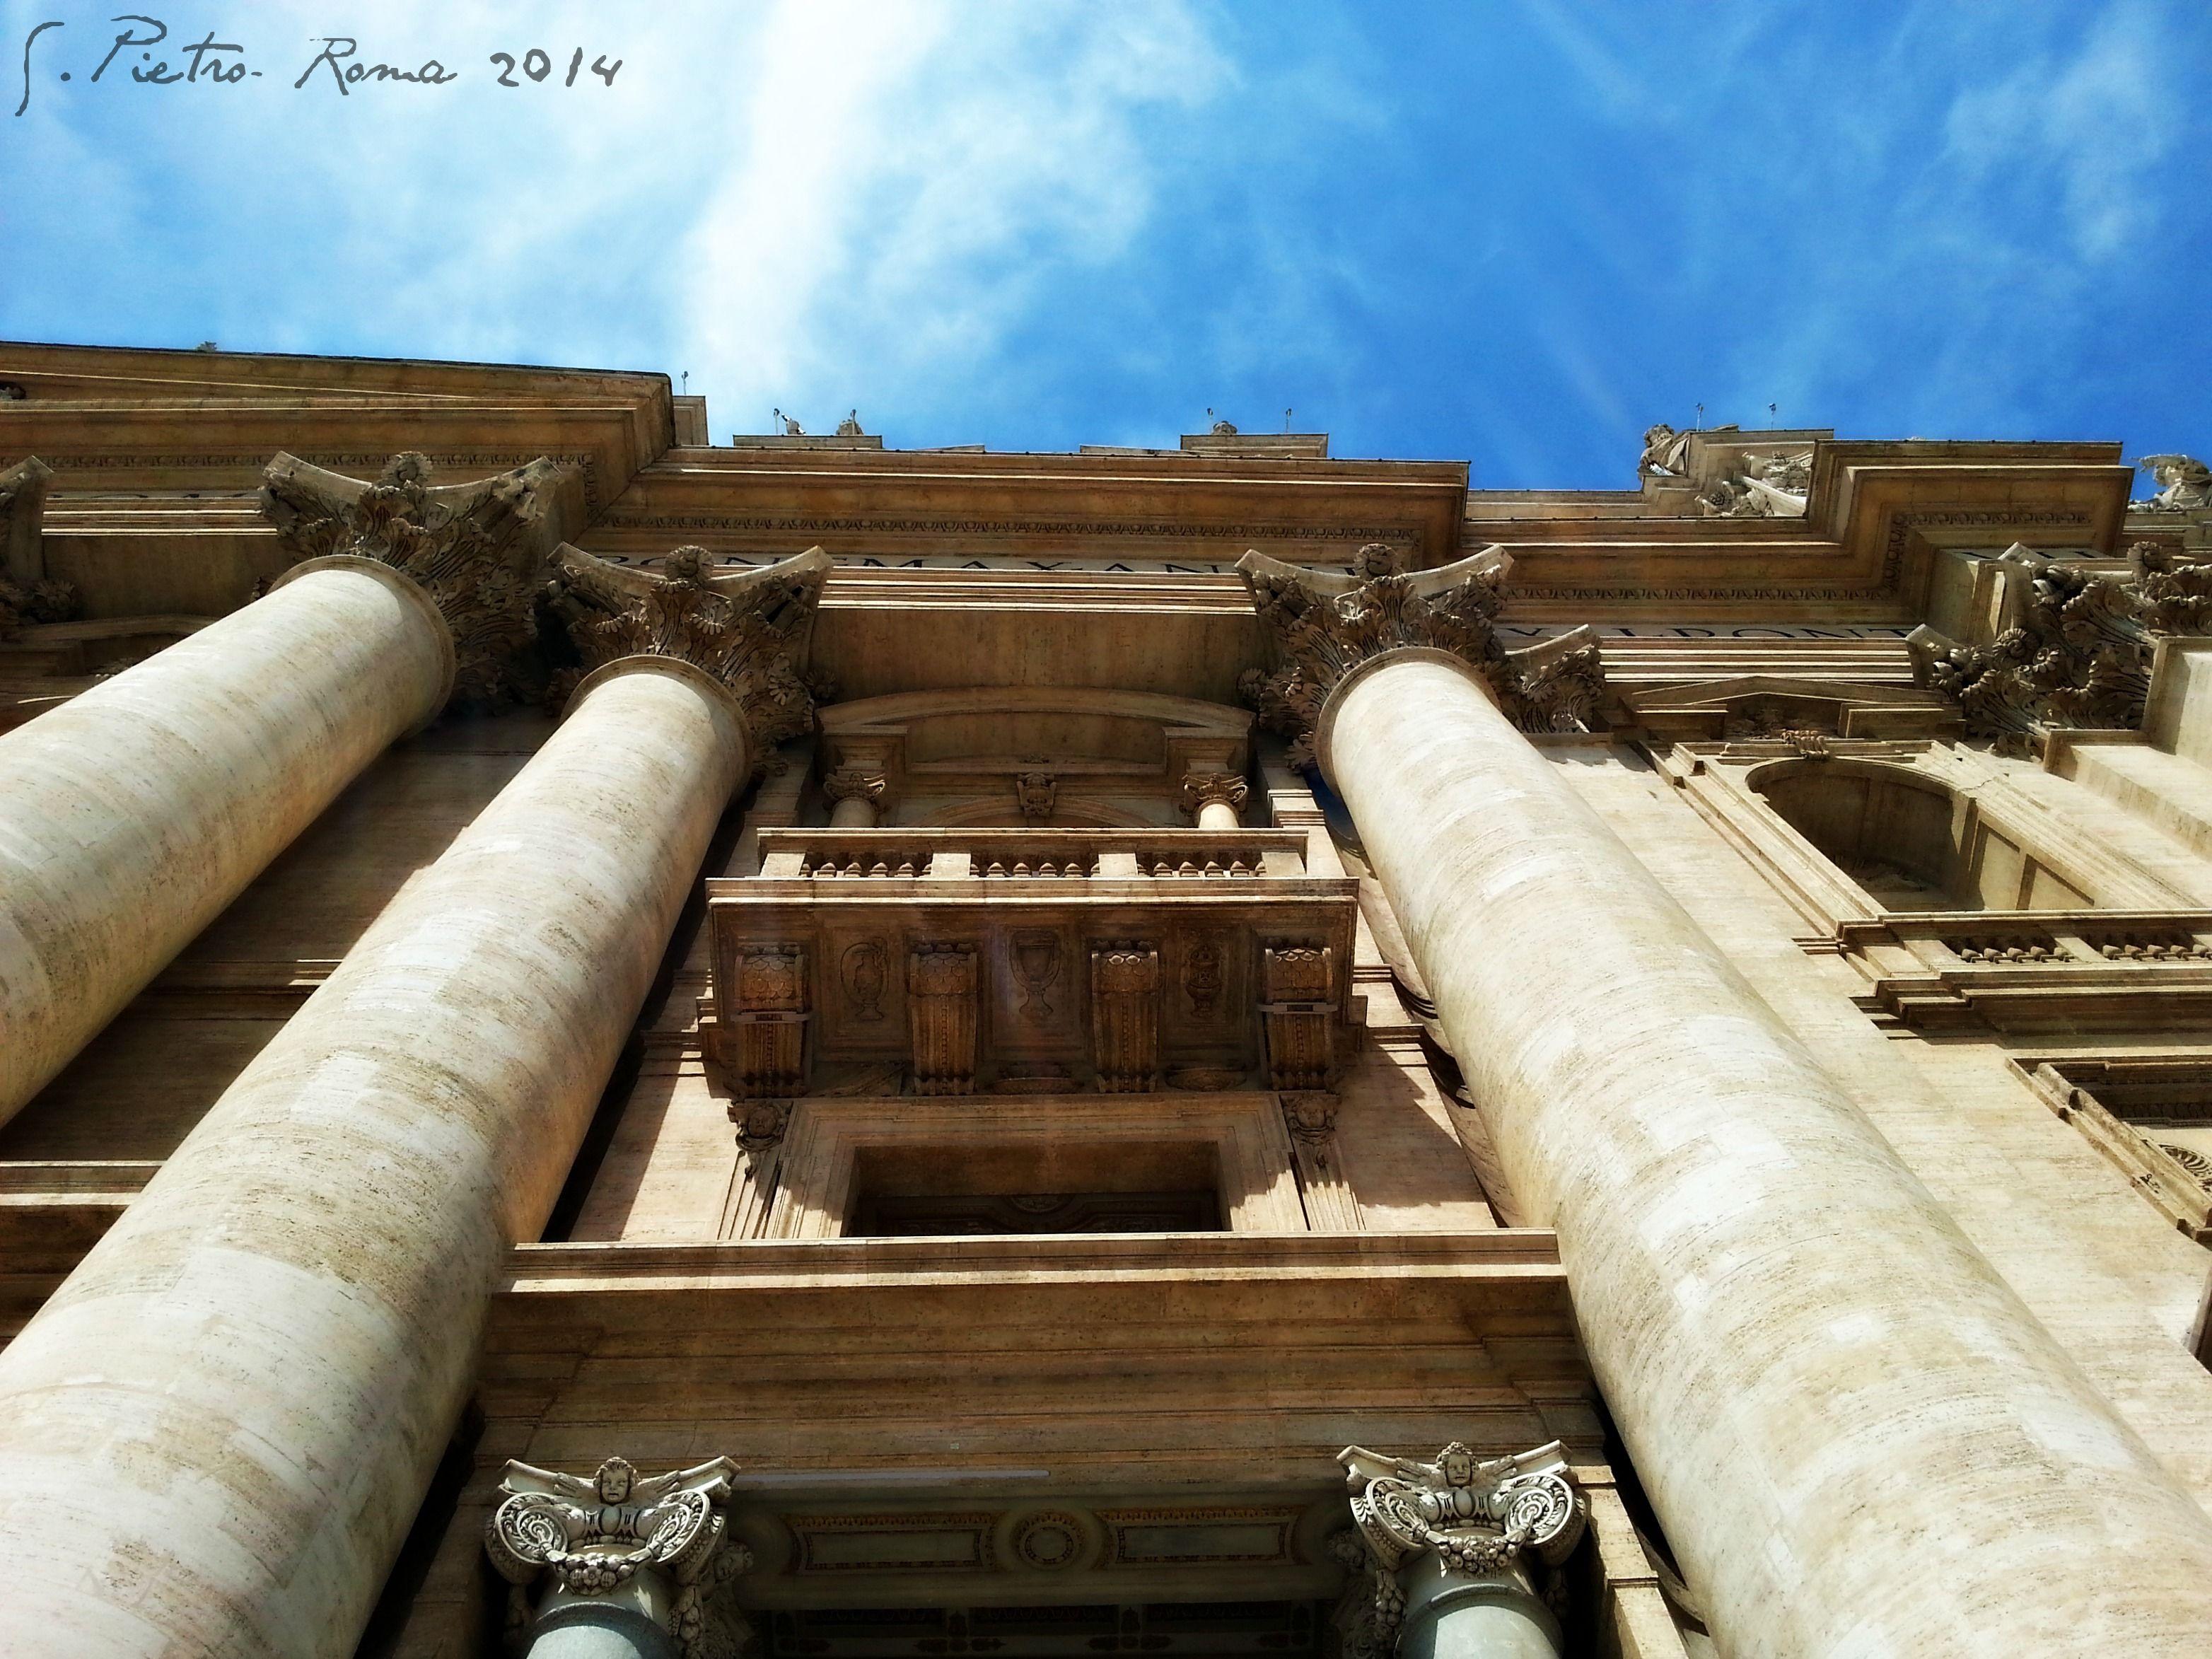 Basilica di San Pietro in Vaticano in Città del Vaticano- entrance